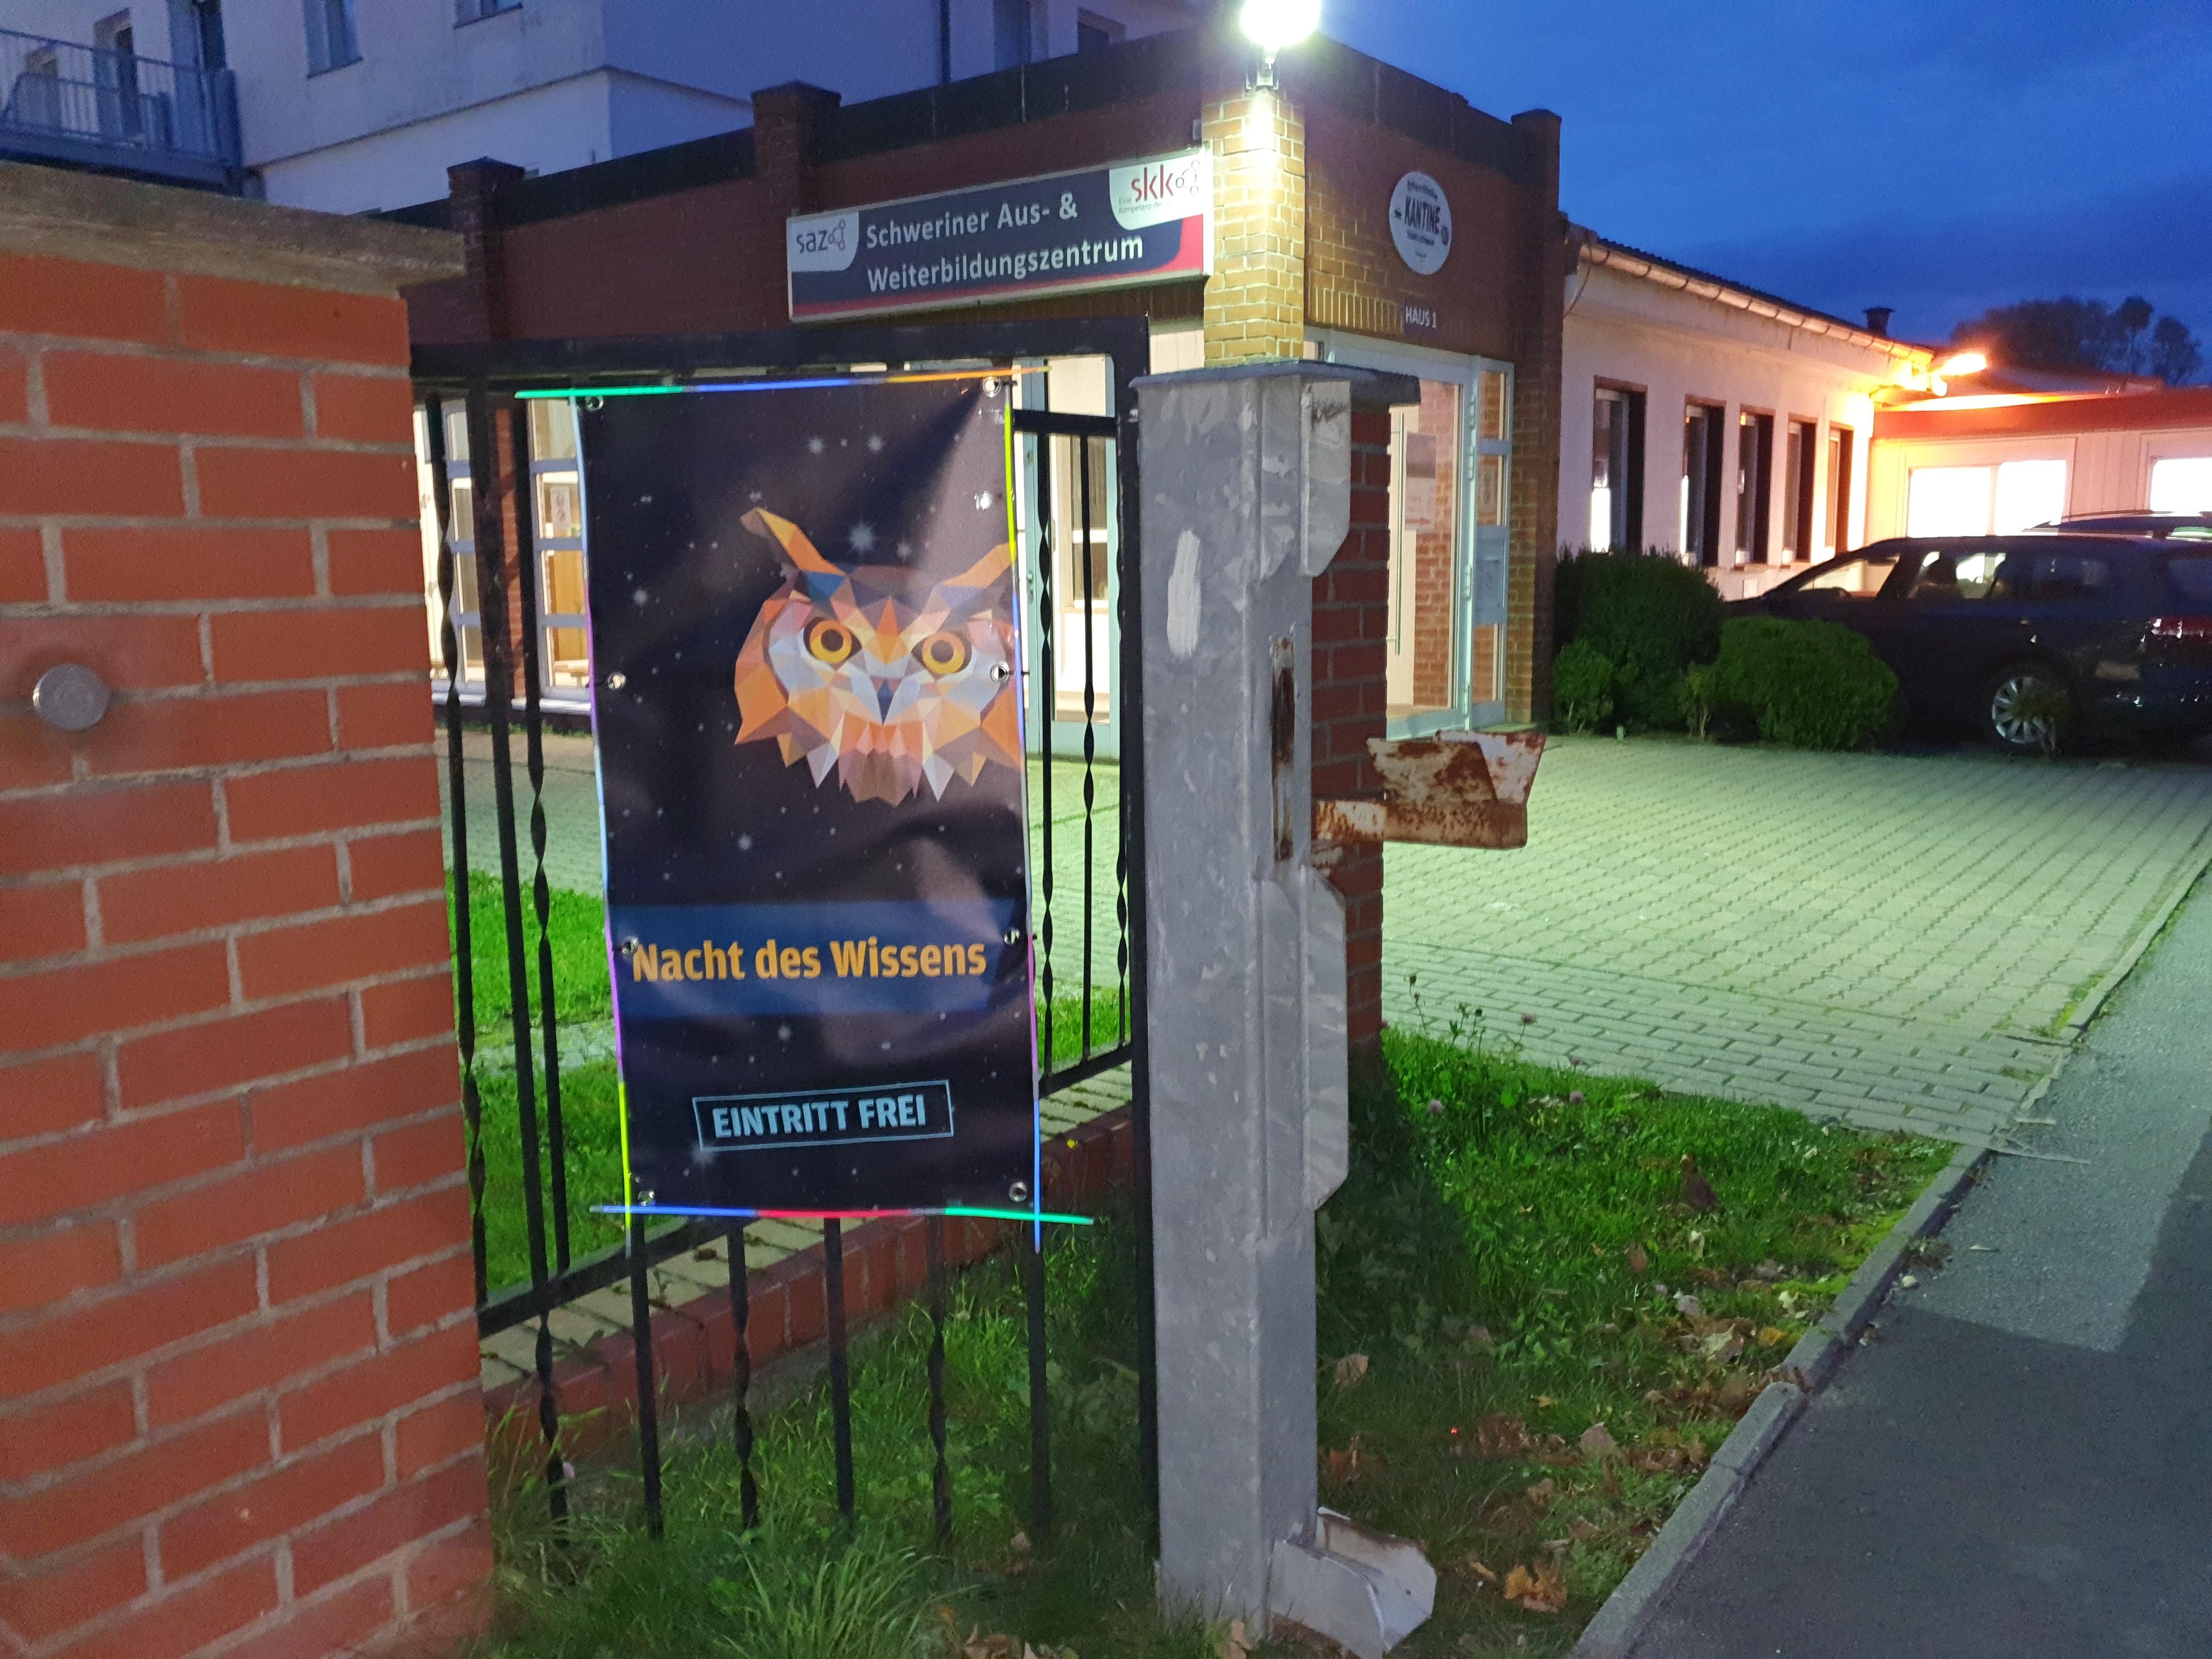 2019-10-17_Nacht-des-Wissens_24